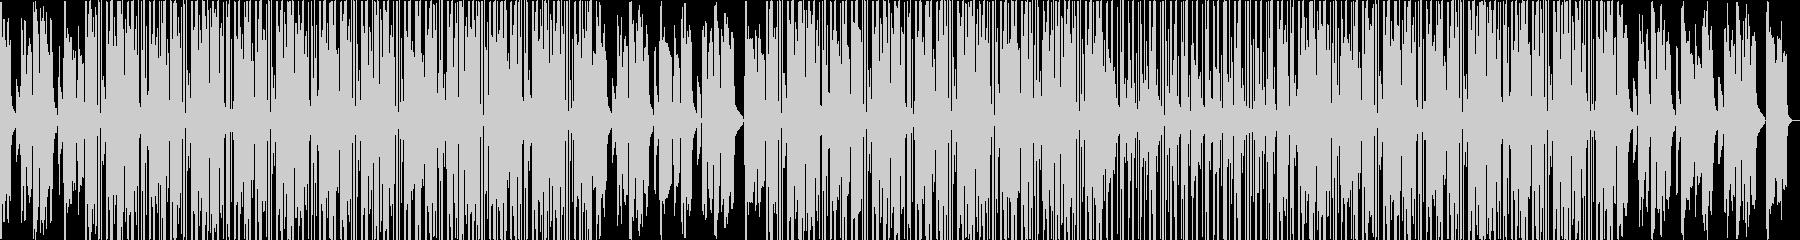 穏やか LOFI HIPHOPの未再生の波形